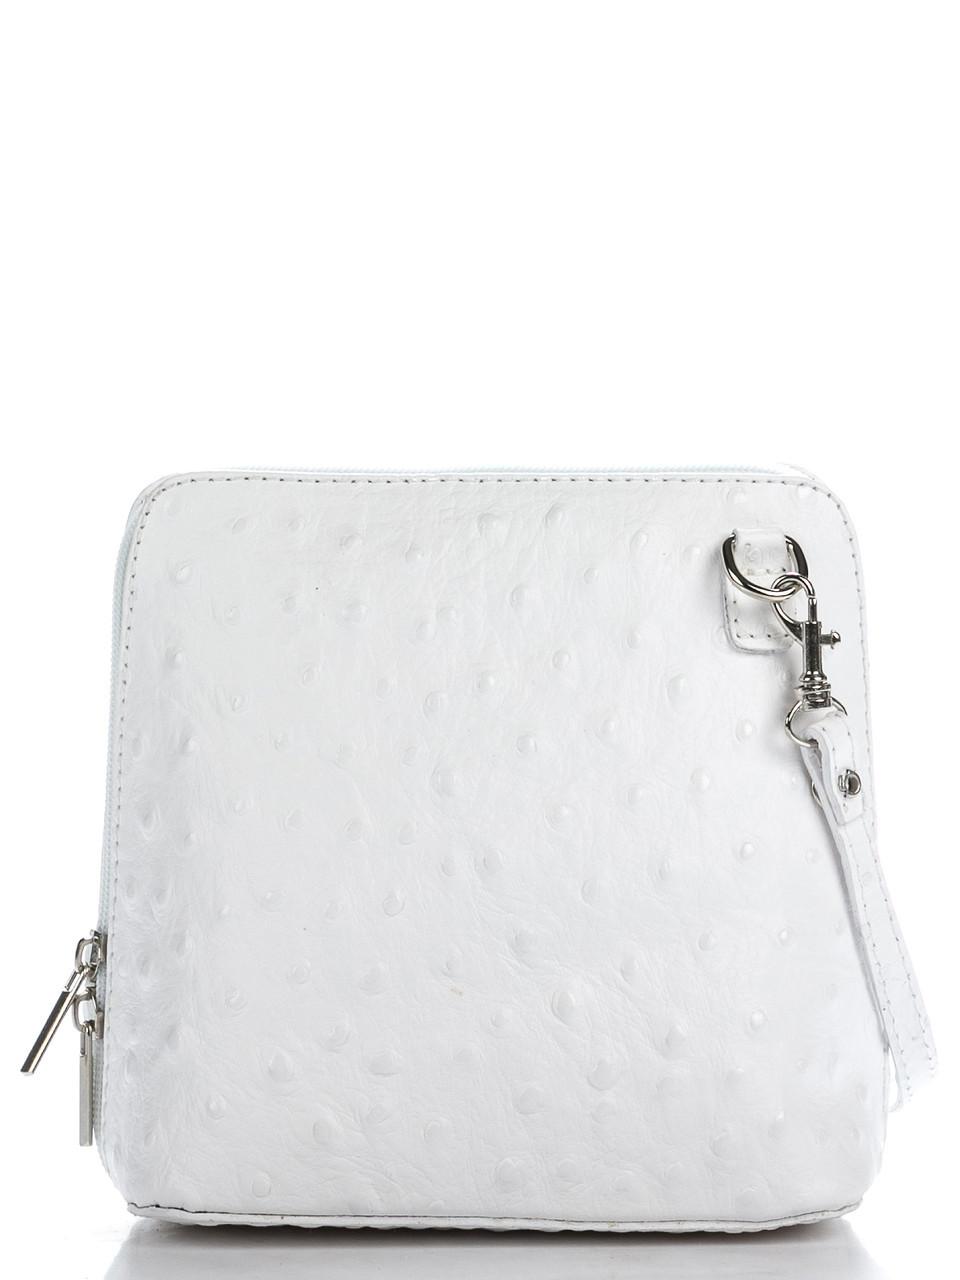 Женская кожаная сумка Diva's Bag GRETA цвет белый